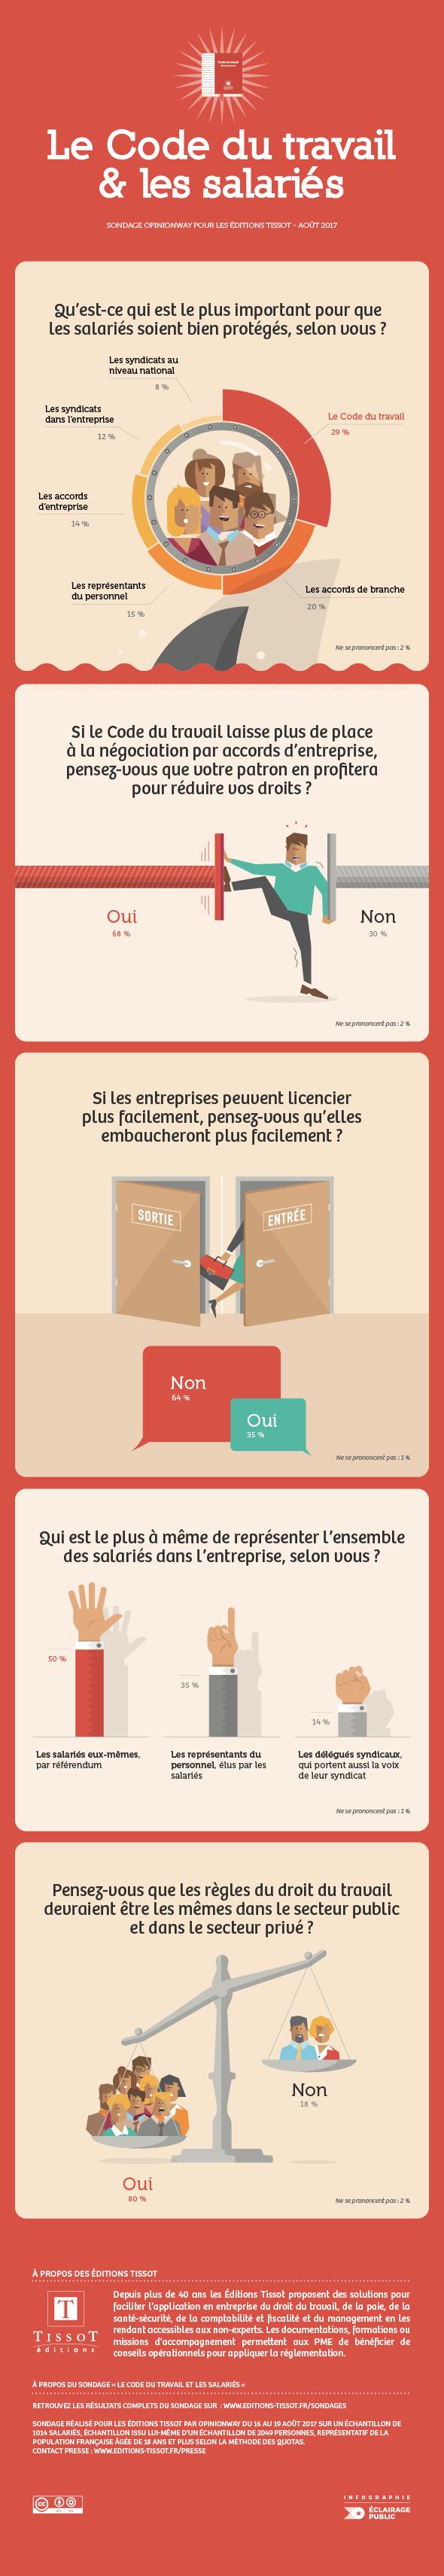 Infographie sondage : Les salariés et le passage à la quarantaine